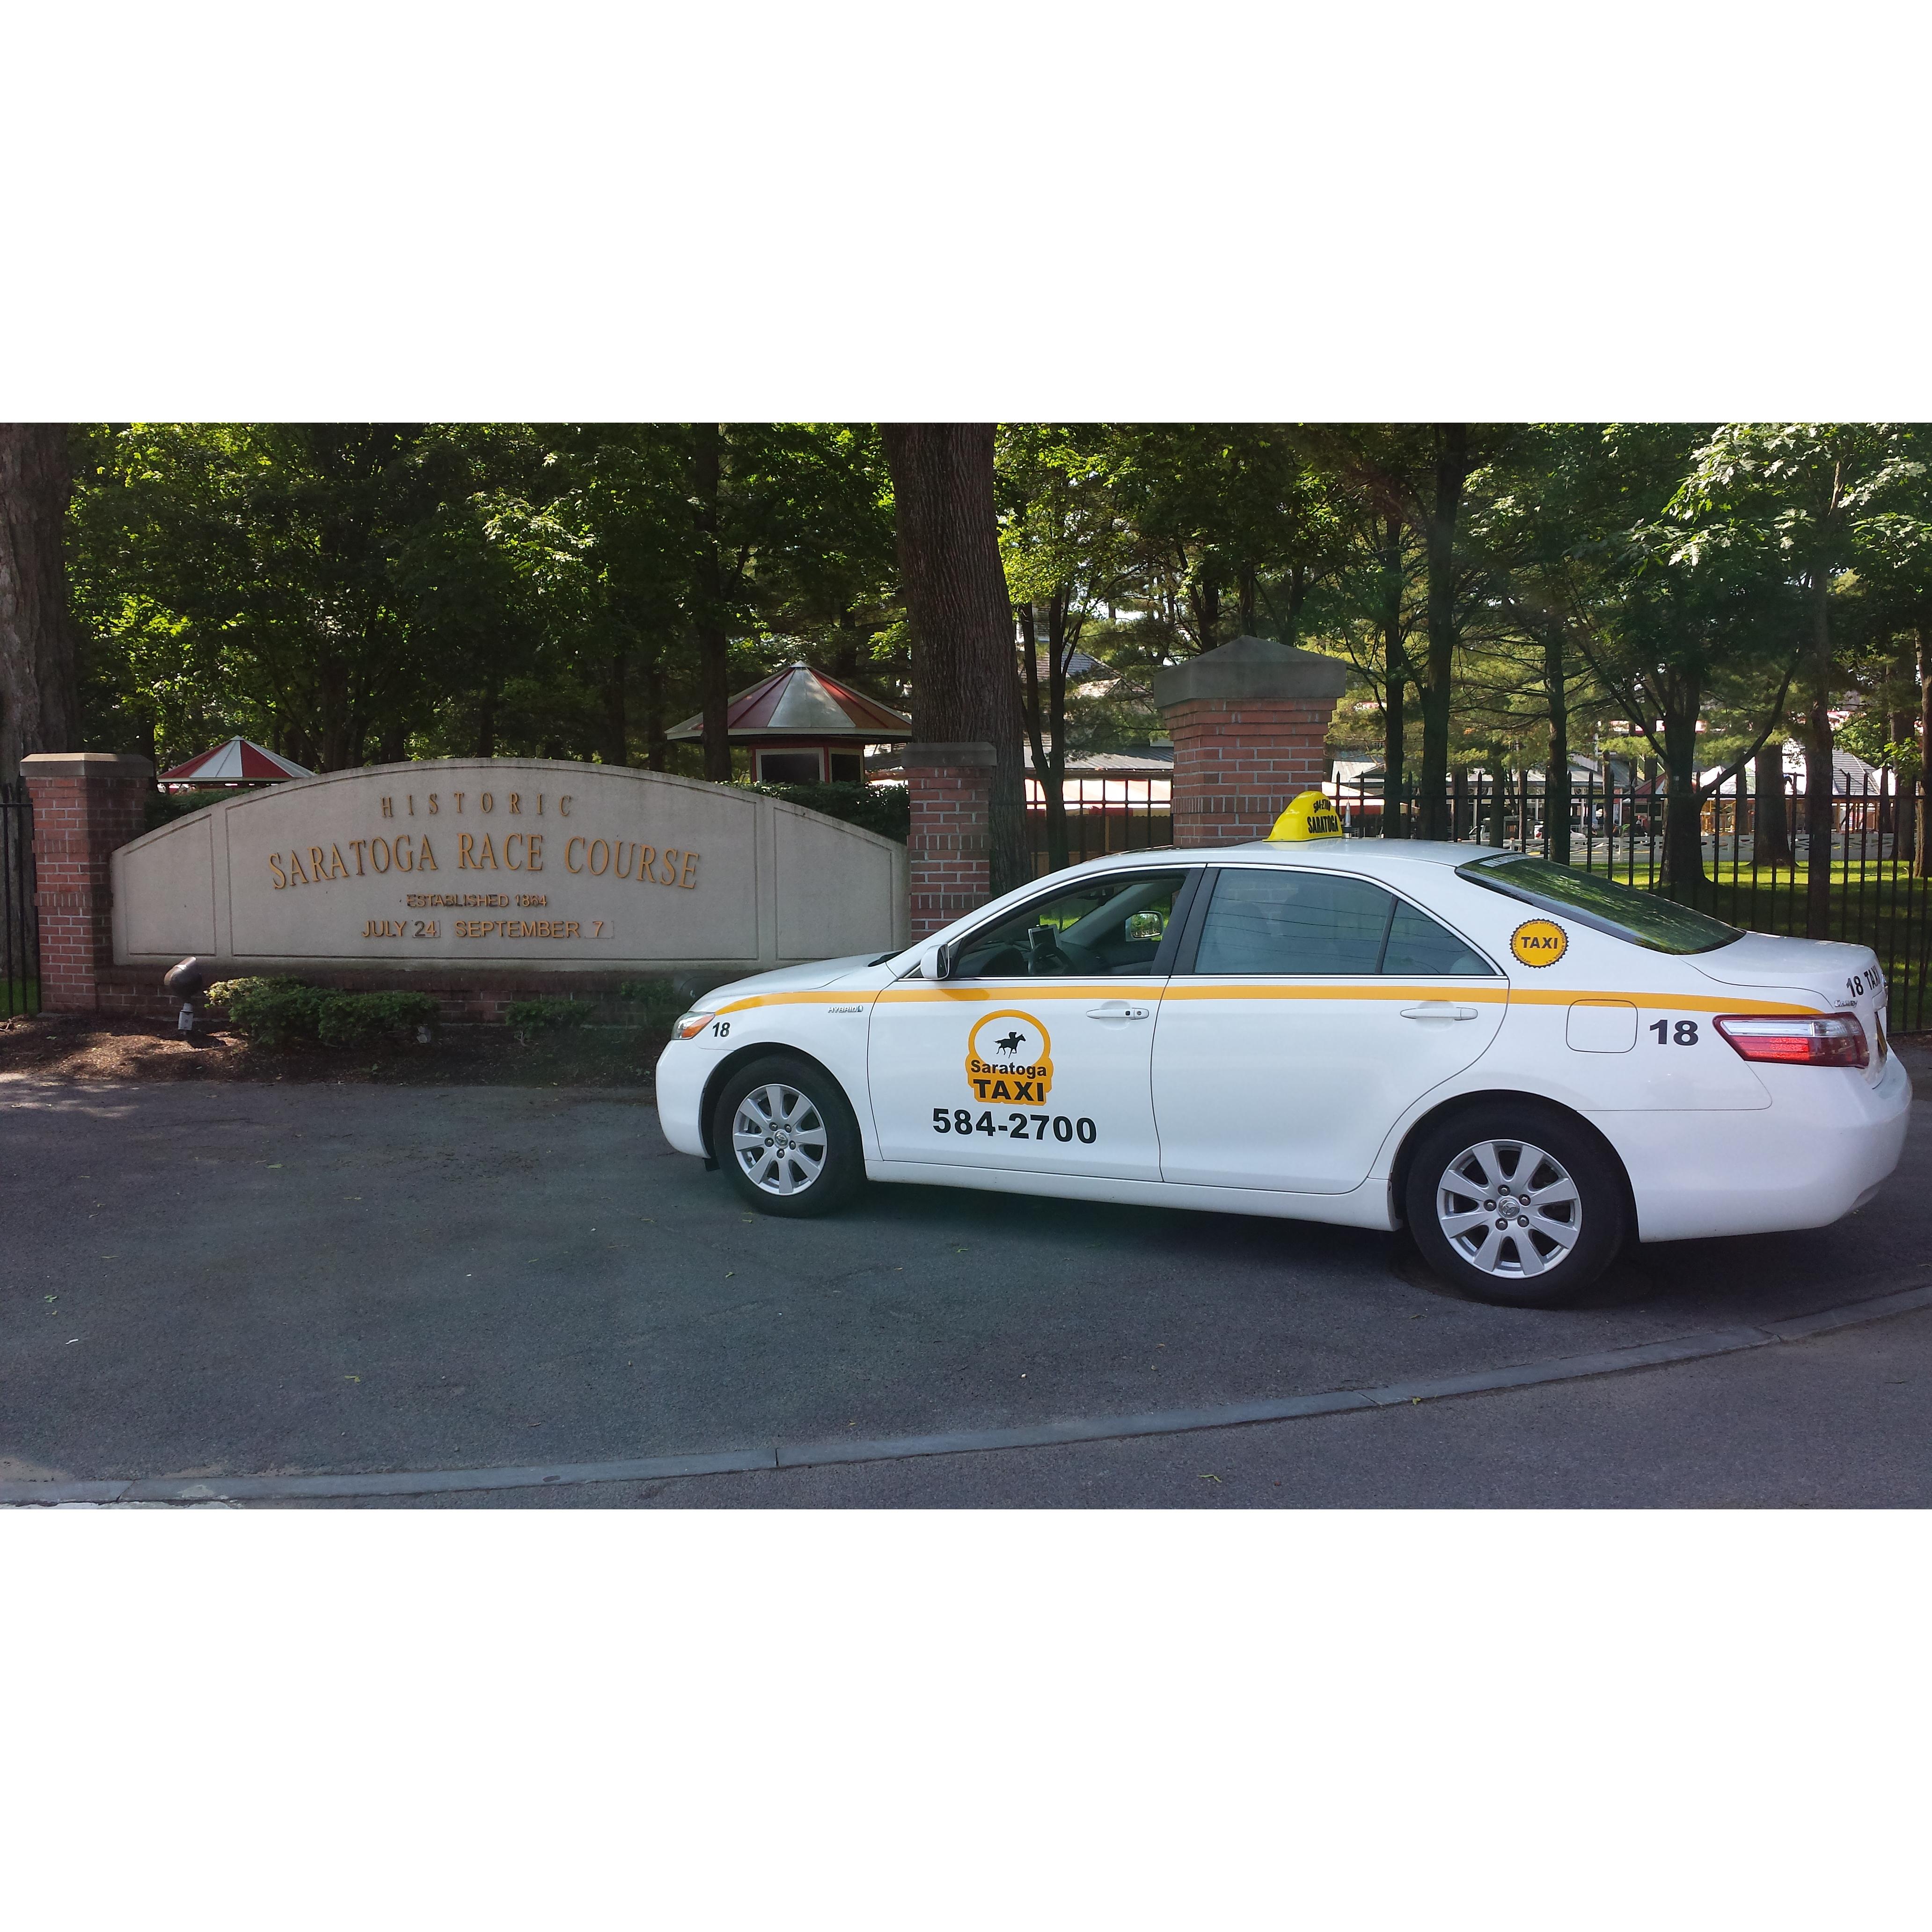 Saratoga Taxi image 0